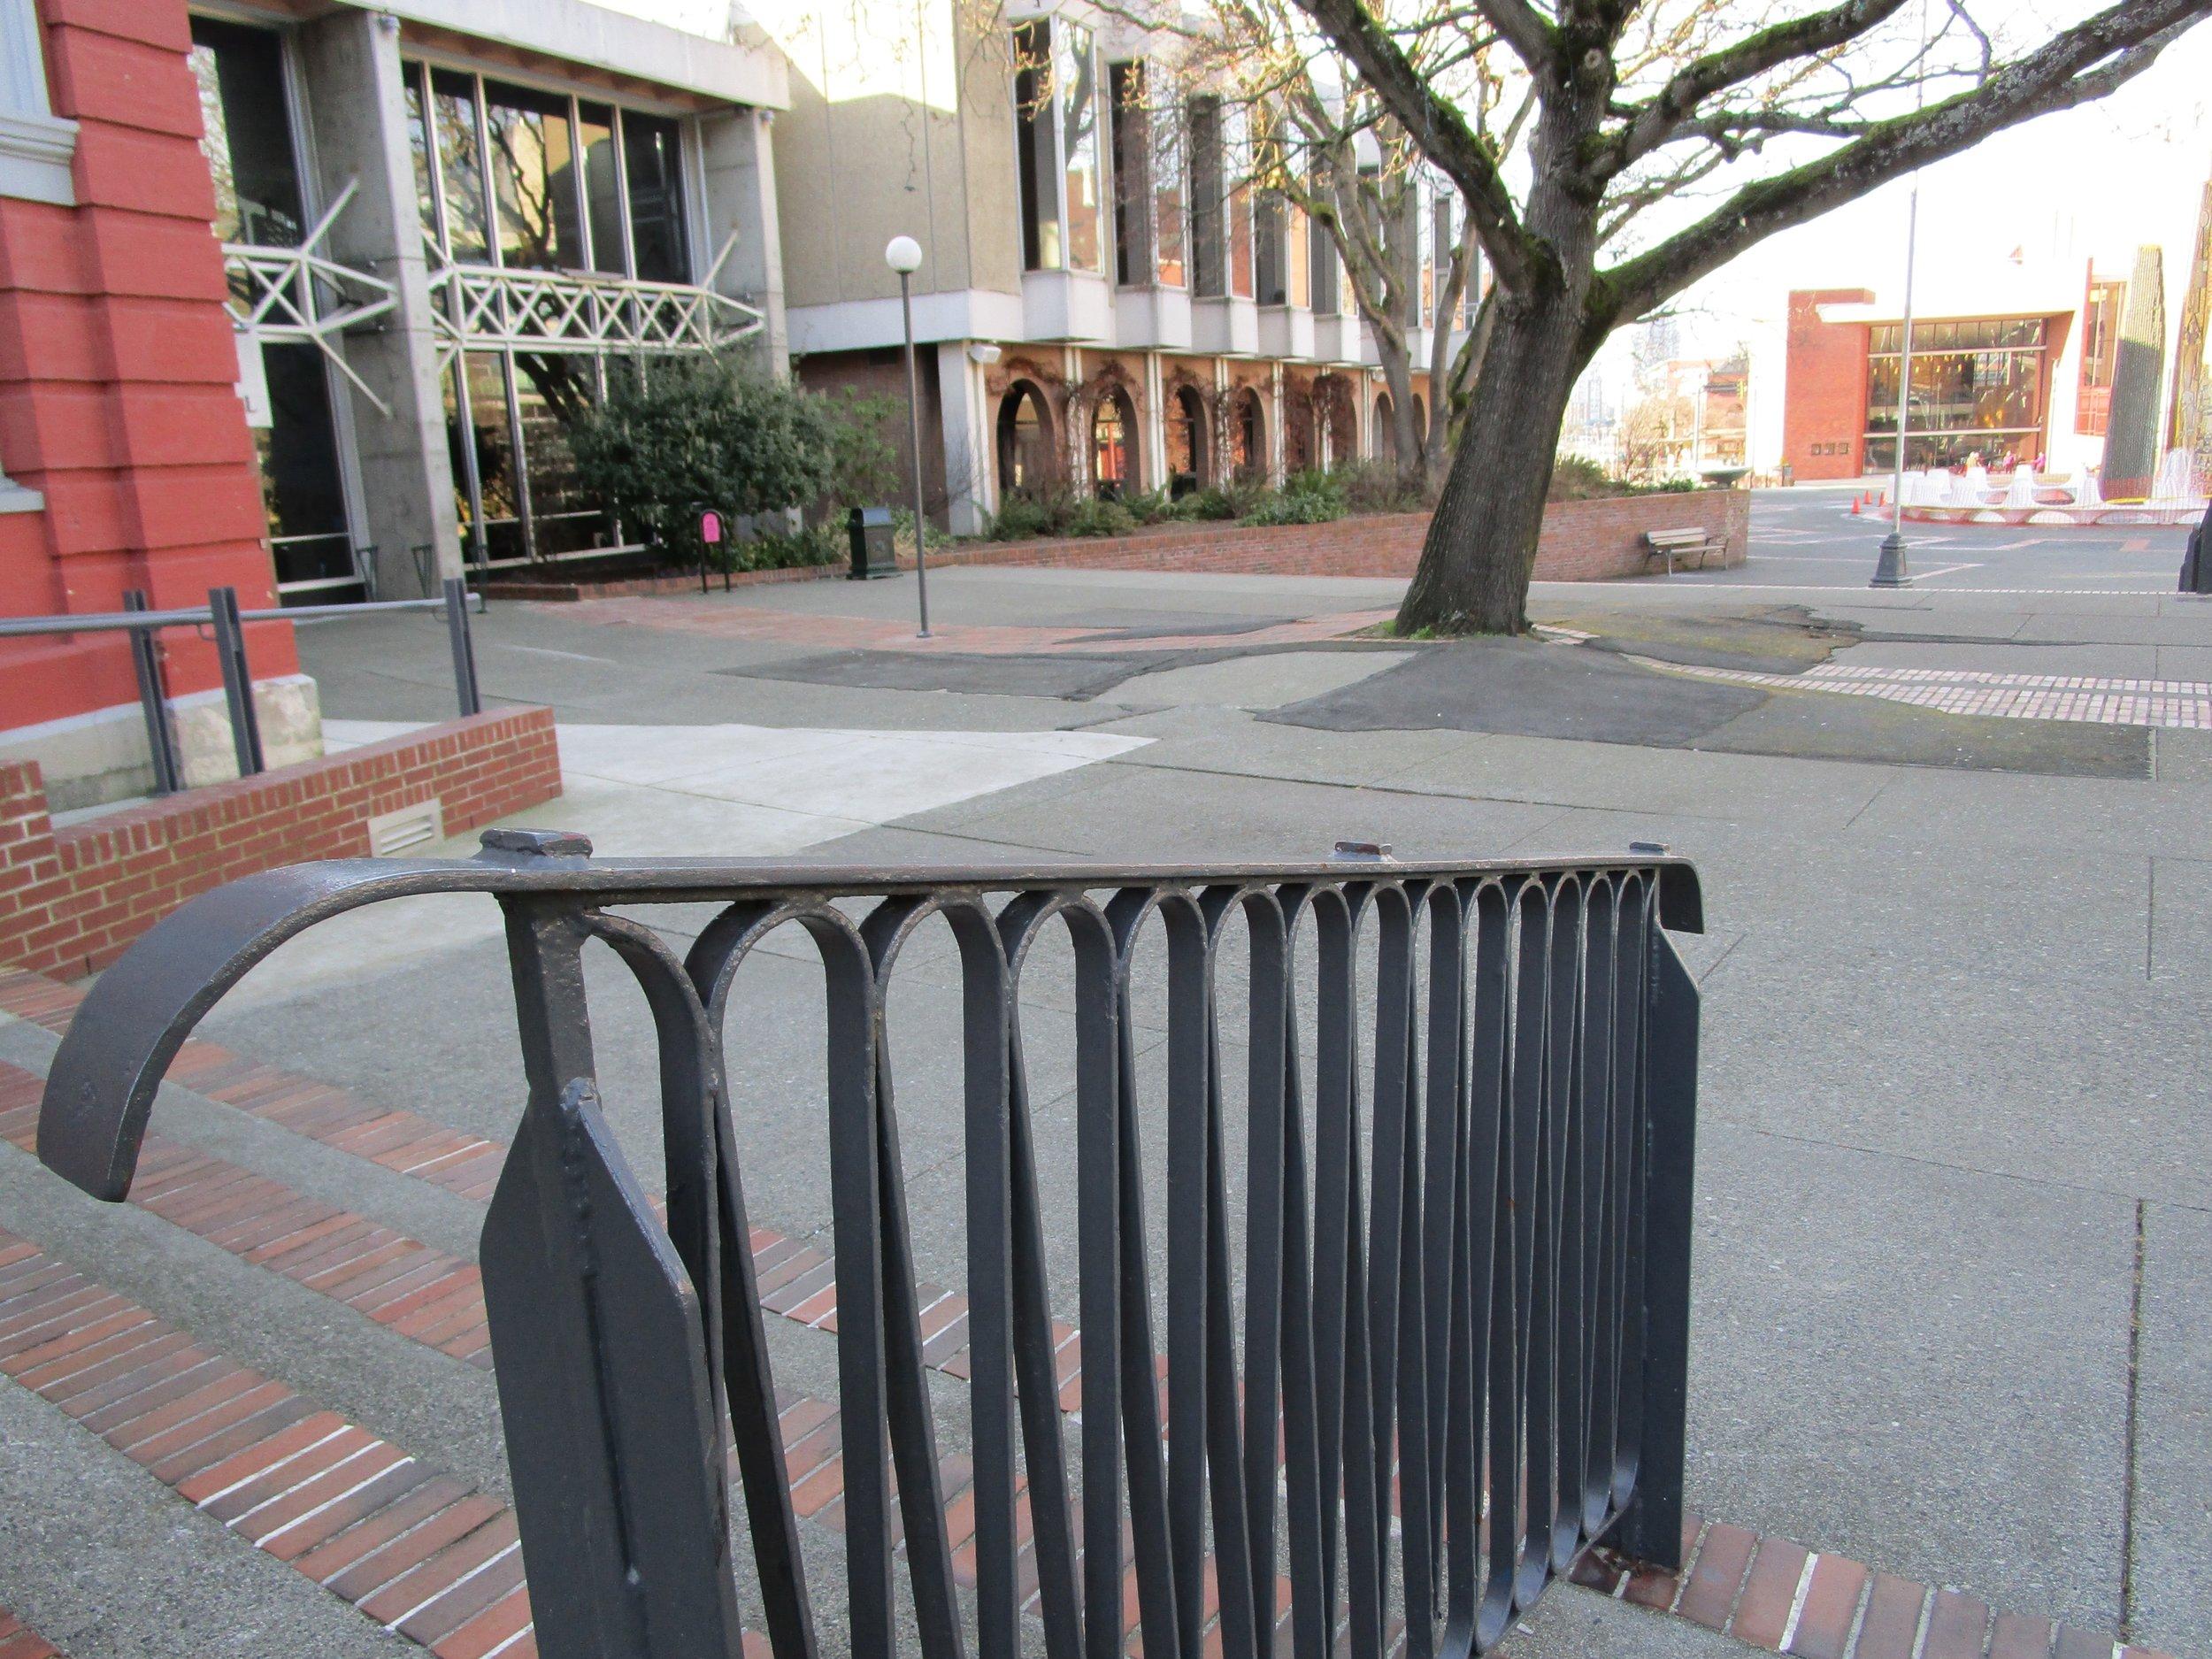 Centennial Square